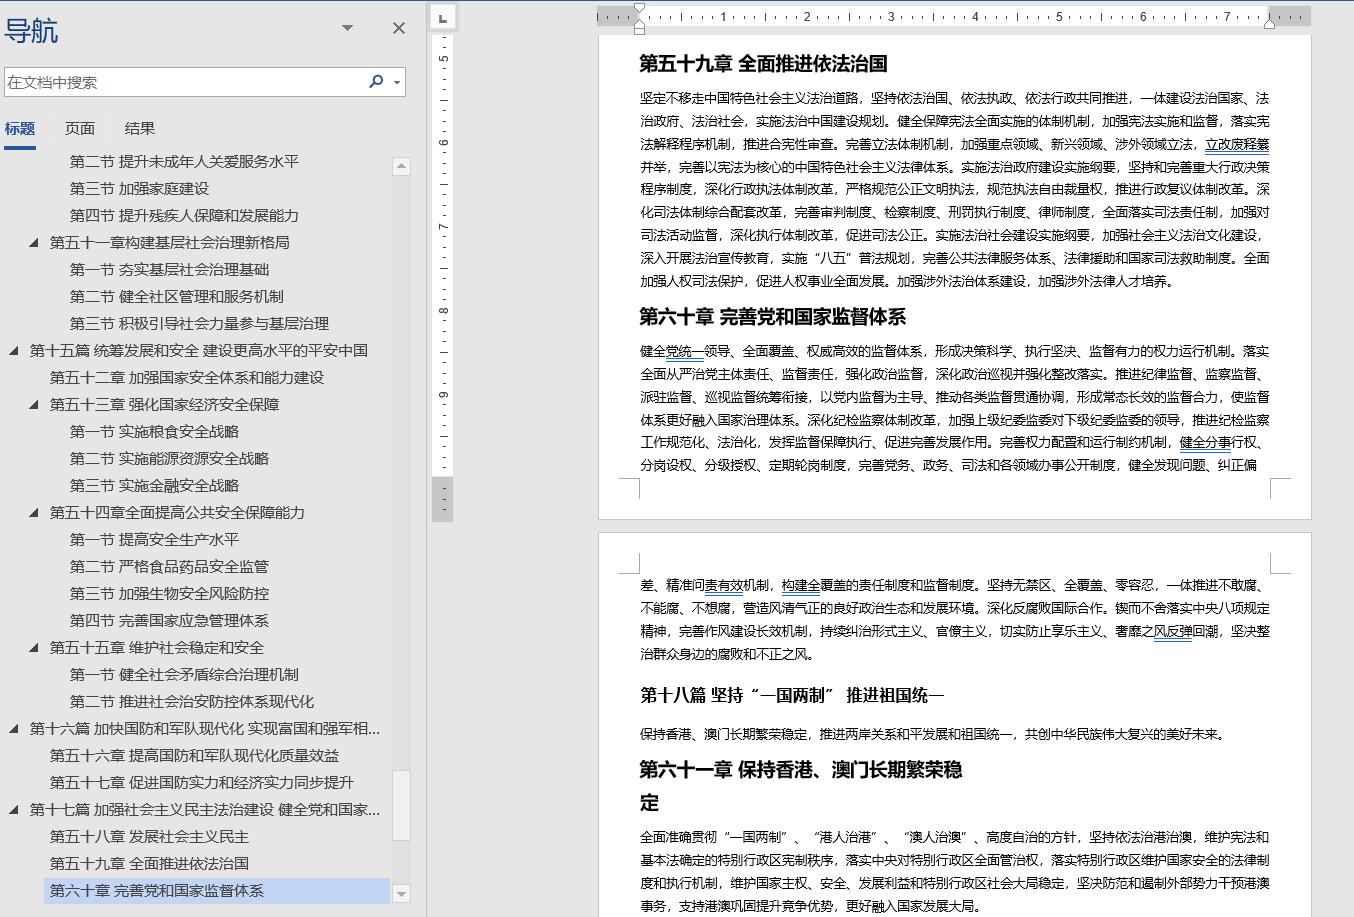 十四五规划全文PDF下载